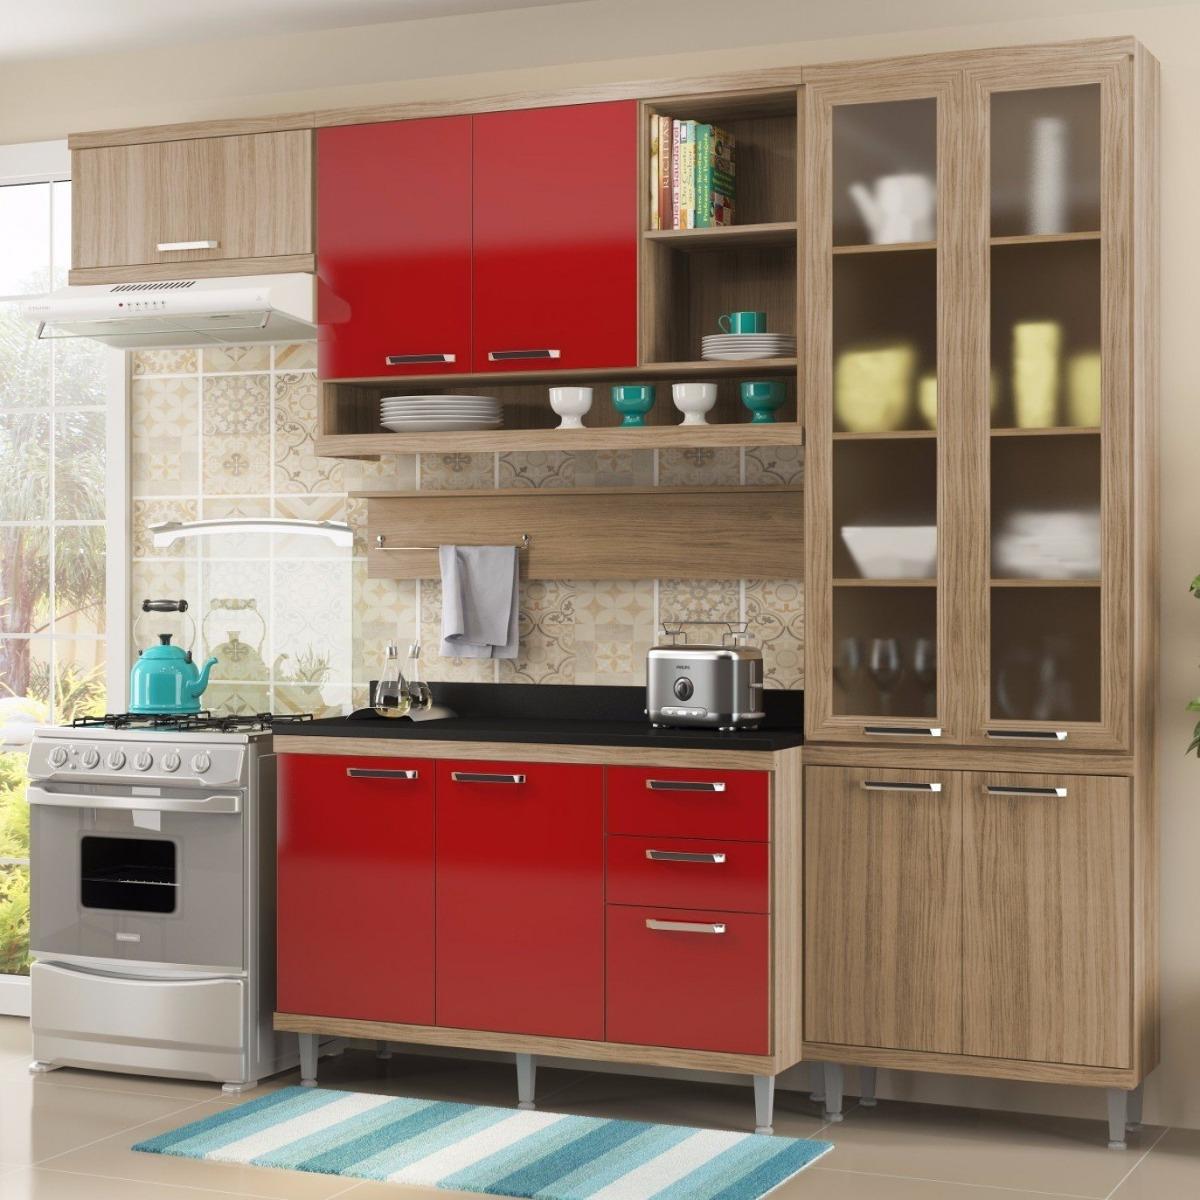 Cozinha Completa 6 Pe As Sic Lia S9t Multim Veis Fa R 1 789 90 Em